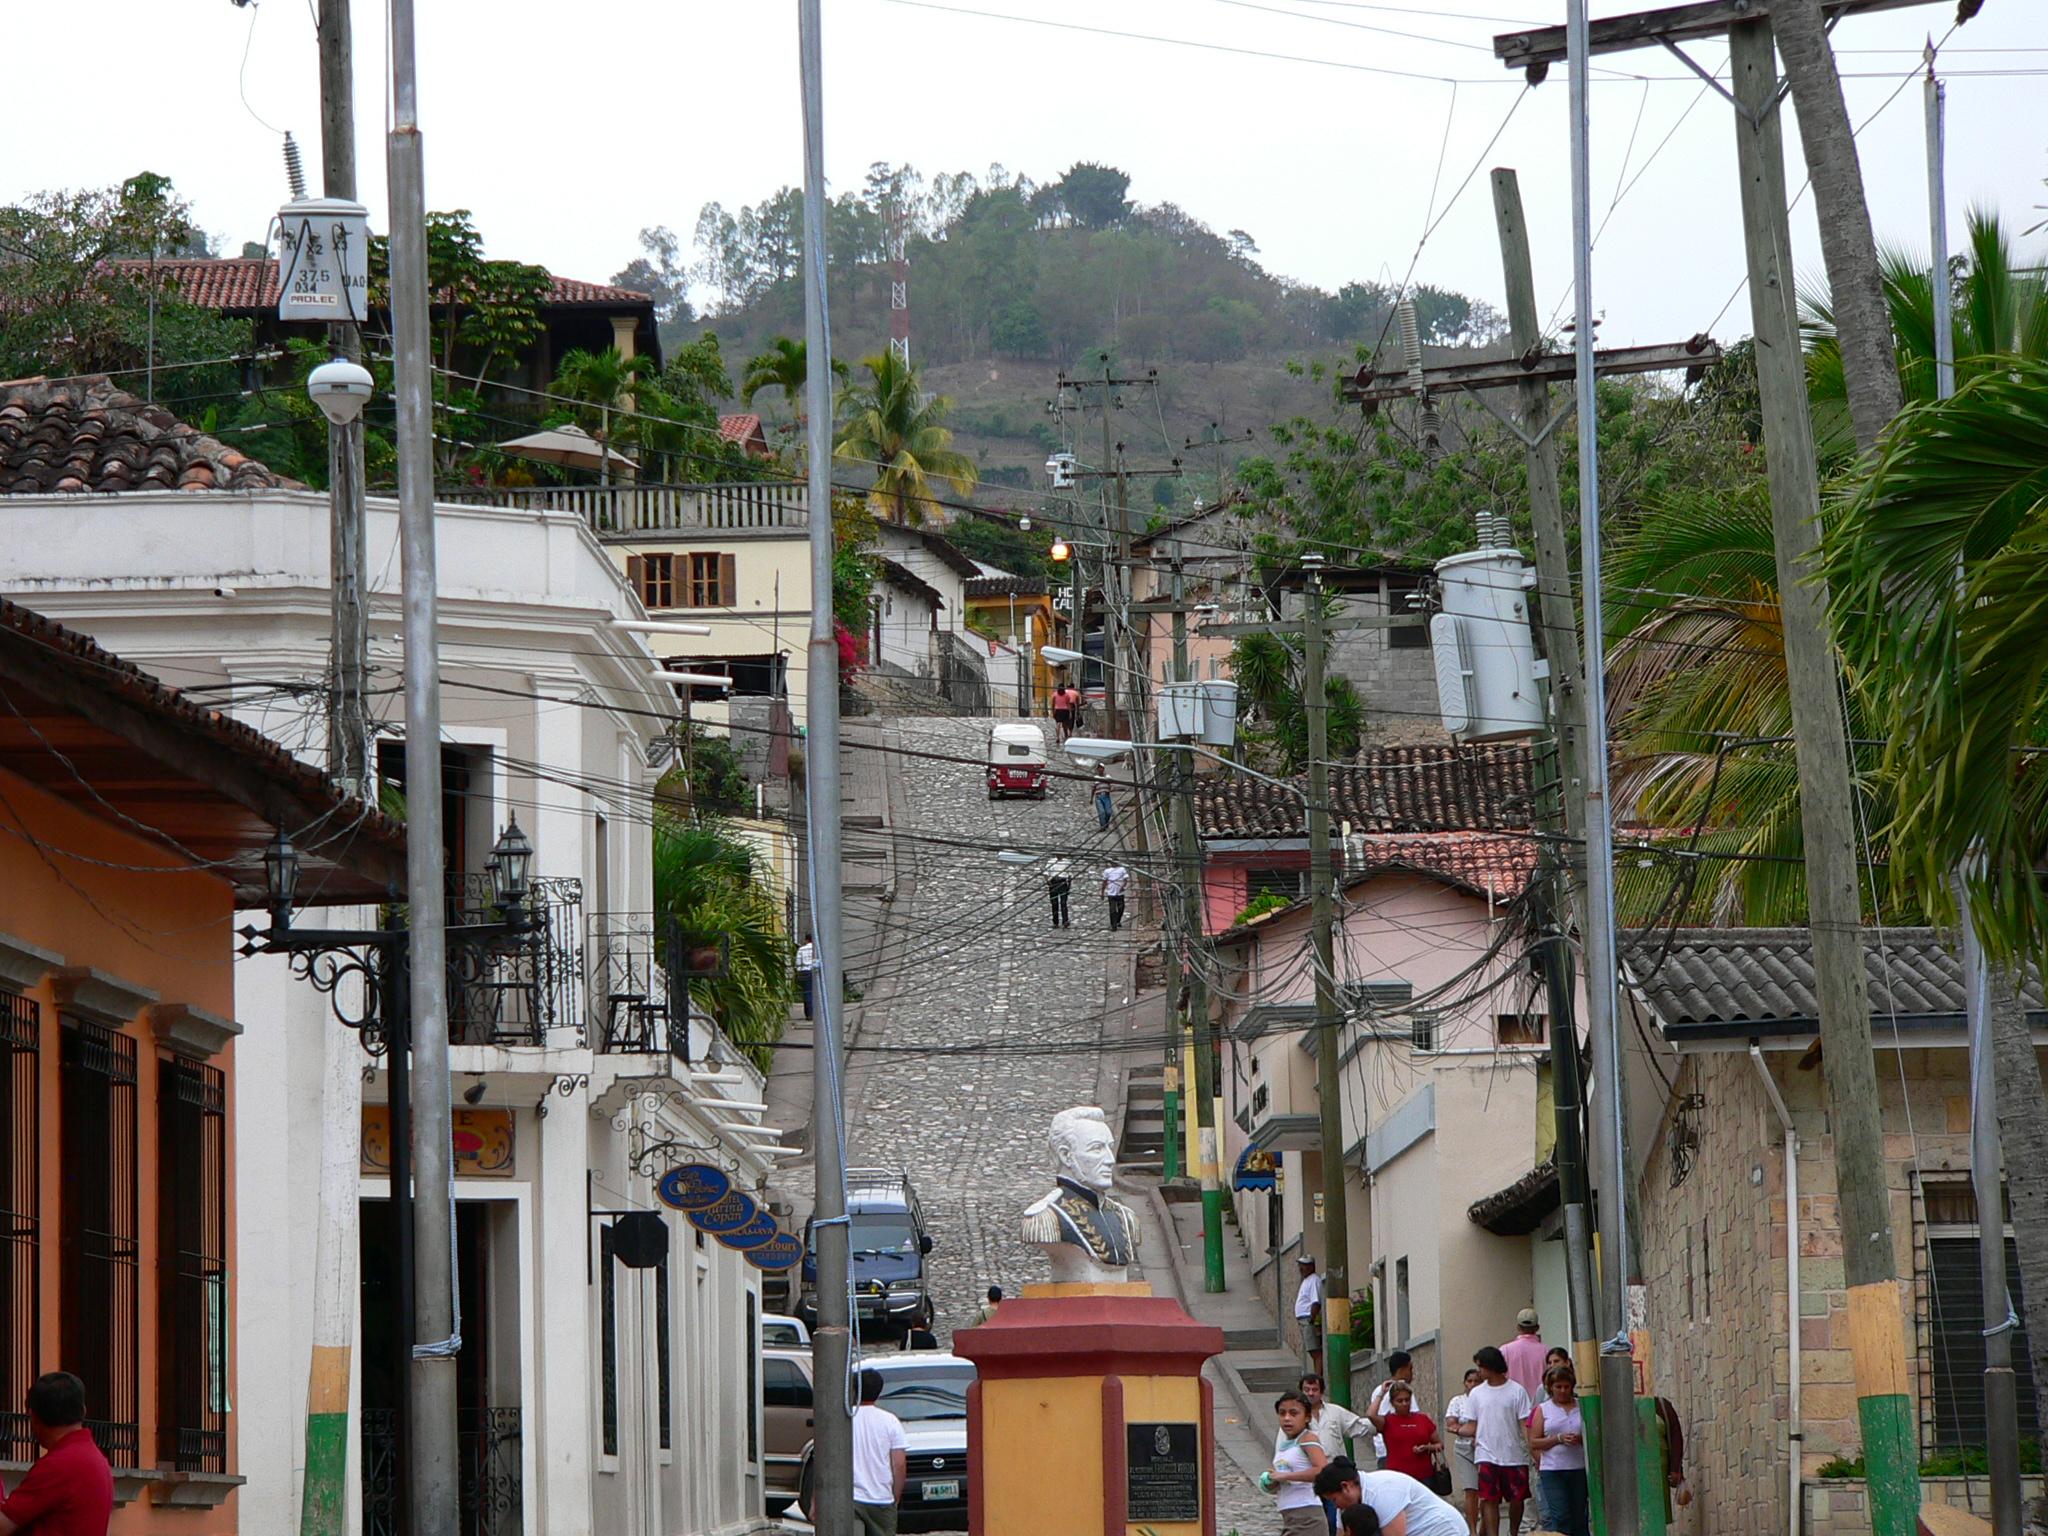 copan online dating Honduras mingle2com is a 100% honduras free dating service meet  thousands of fun, attractive, honduras men and honduras women for free.